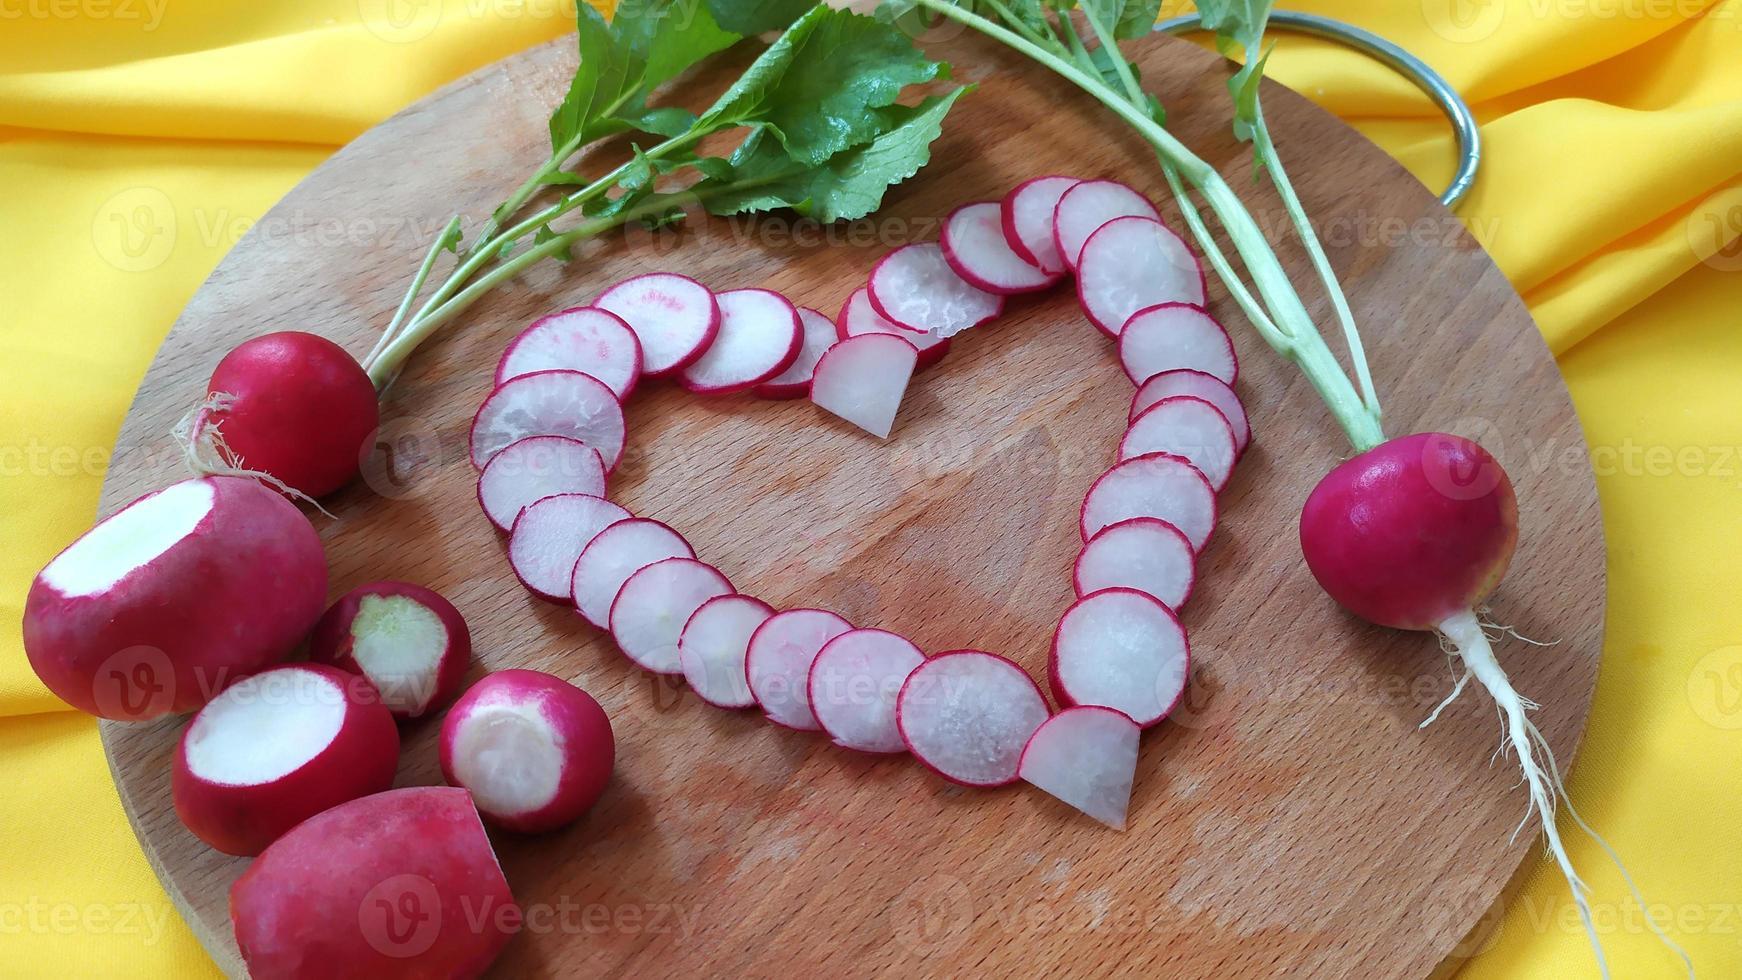 le cœur est disposé à partir de tranches de radis en gros plan. photo